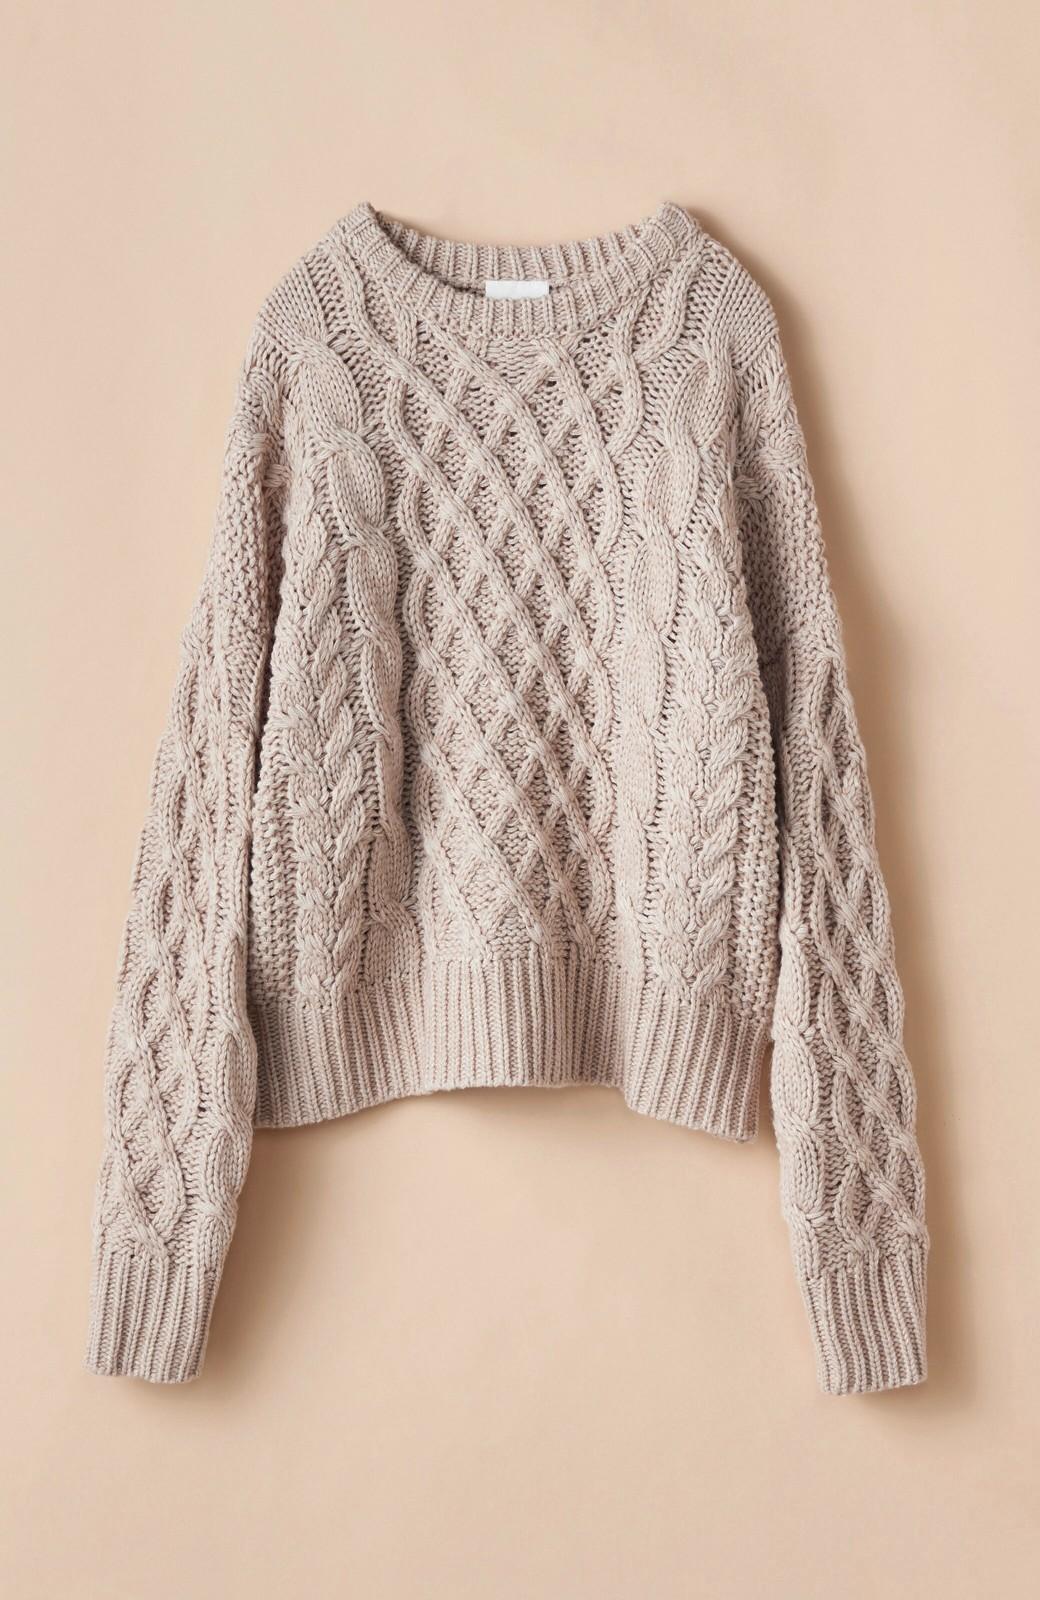 haco! 古着屋さんにありそうな ざっくり編みがかわいいウール混ケーブルニットby que made me <ベージュ>の商品写真1